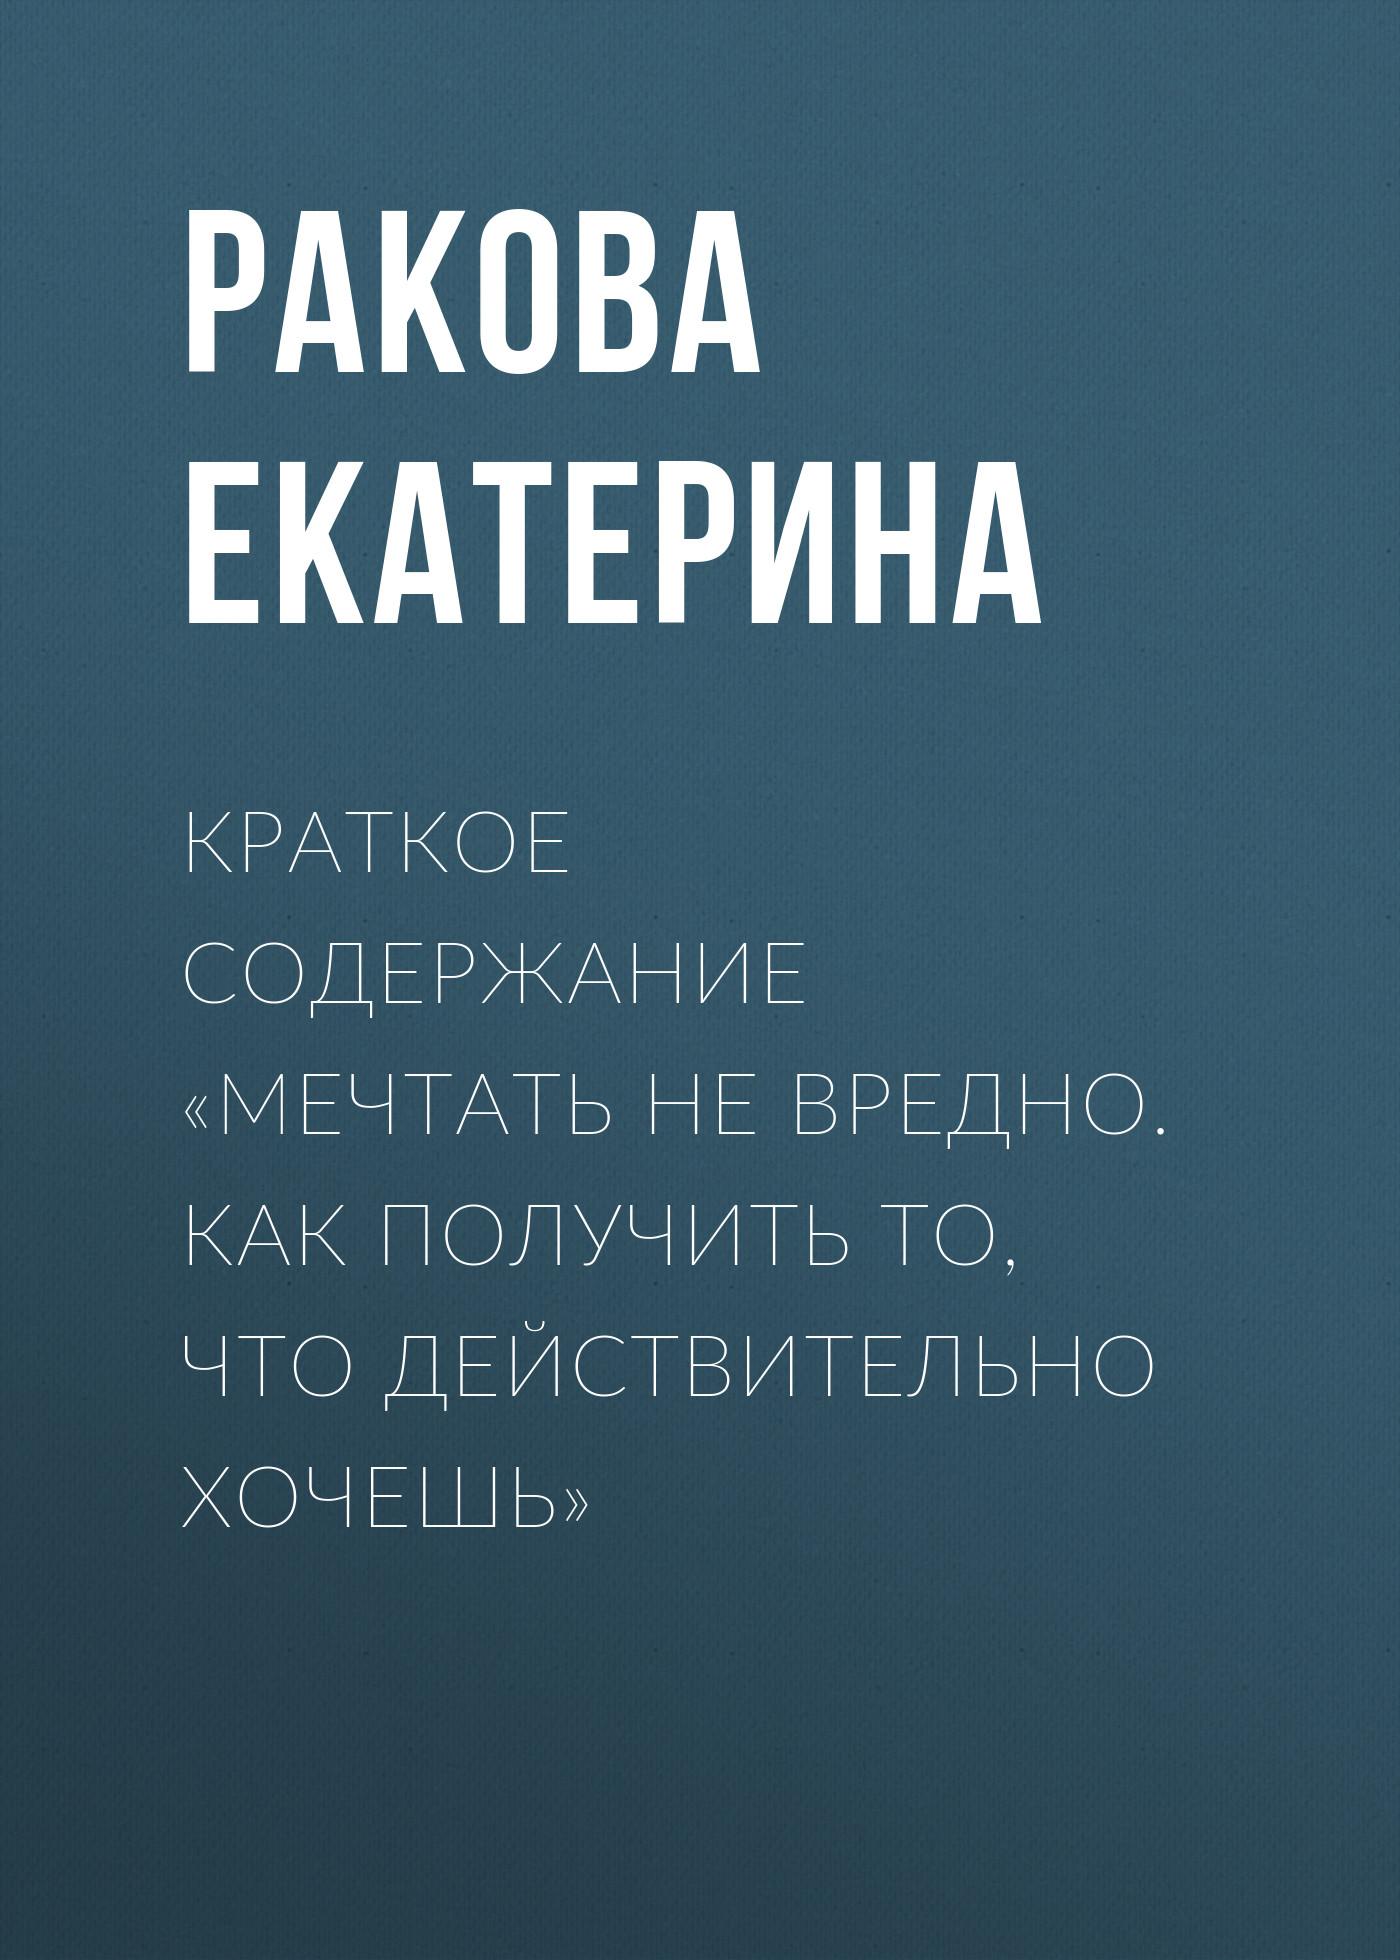 Ракова Екатерина Краткое содержание «Мечтать не вредно. Как получить то, что действительно хочешь»